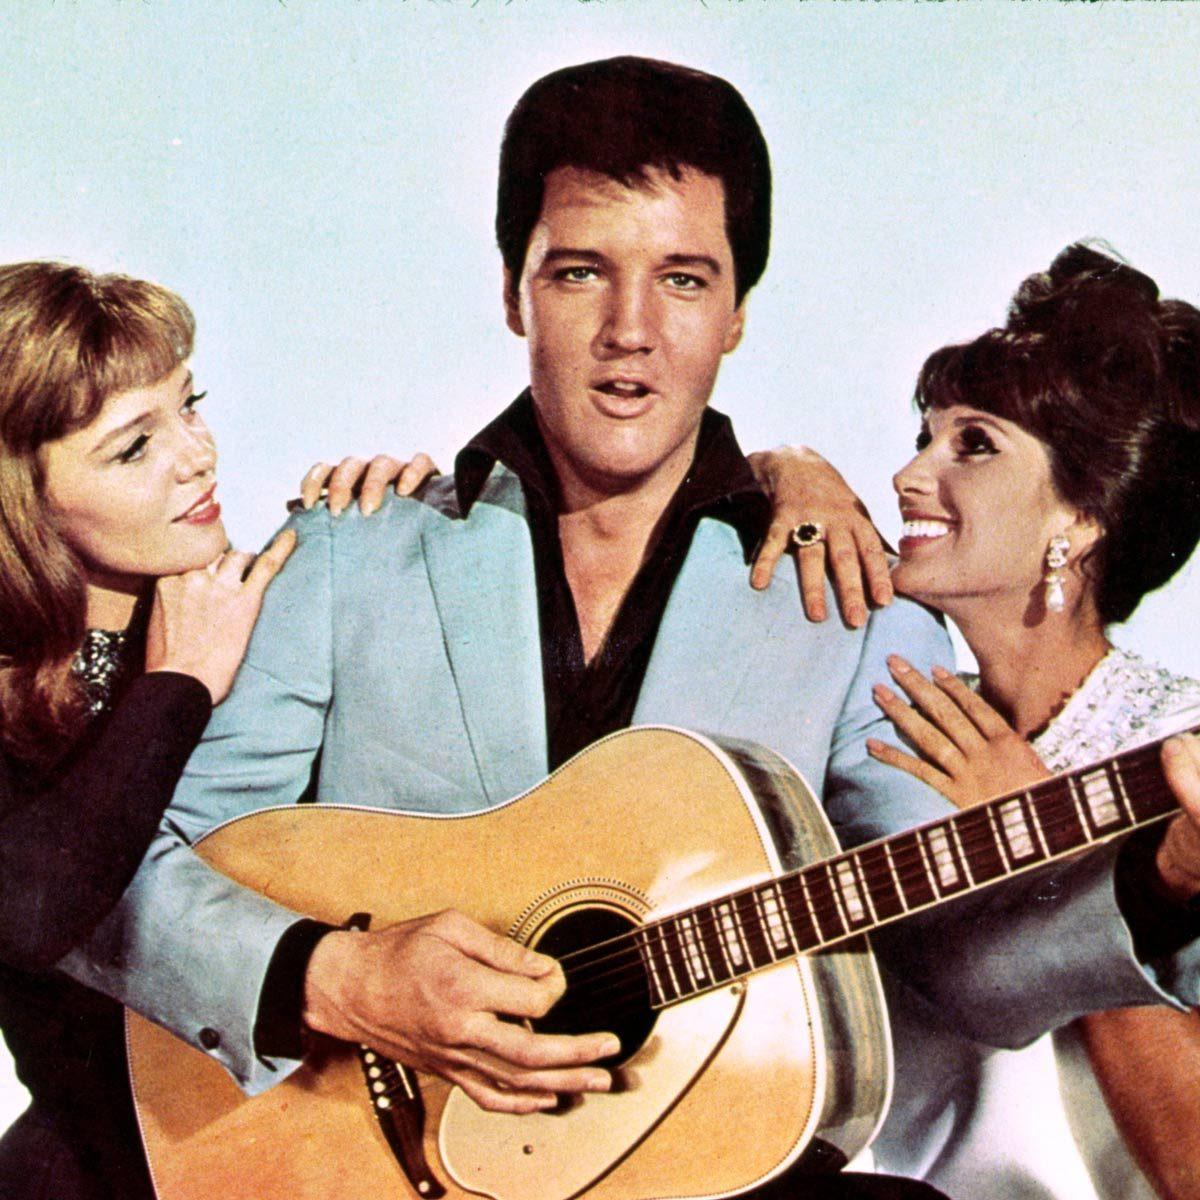 Elvis with guitar standing between two adoring women